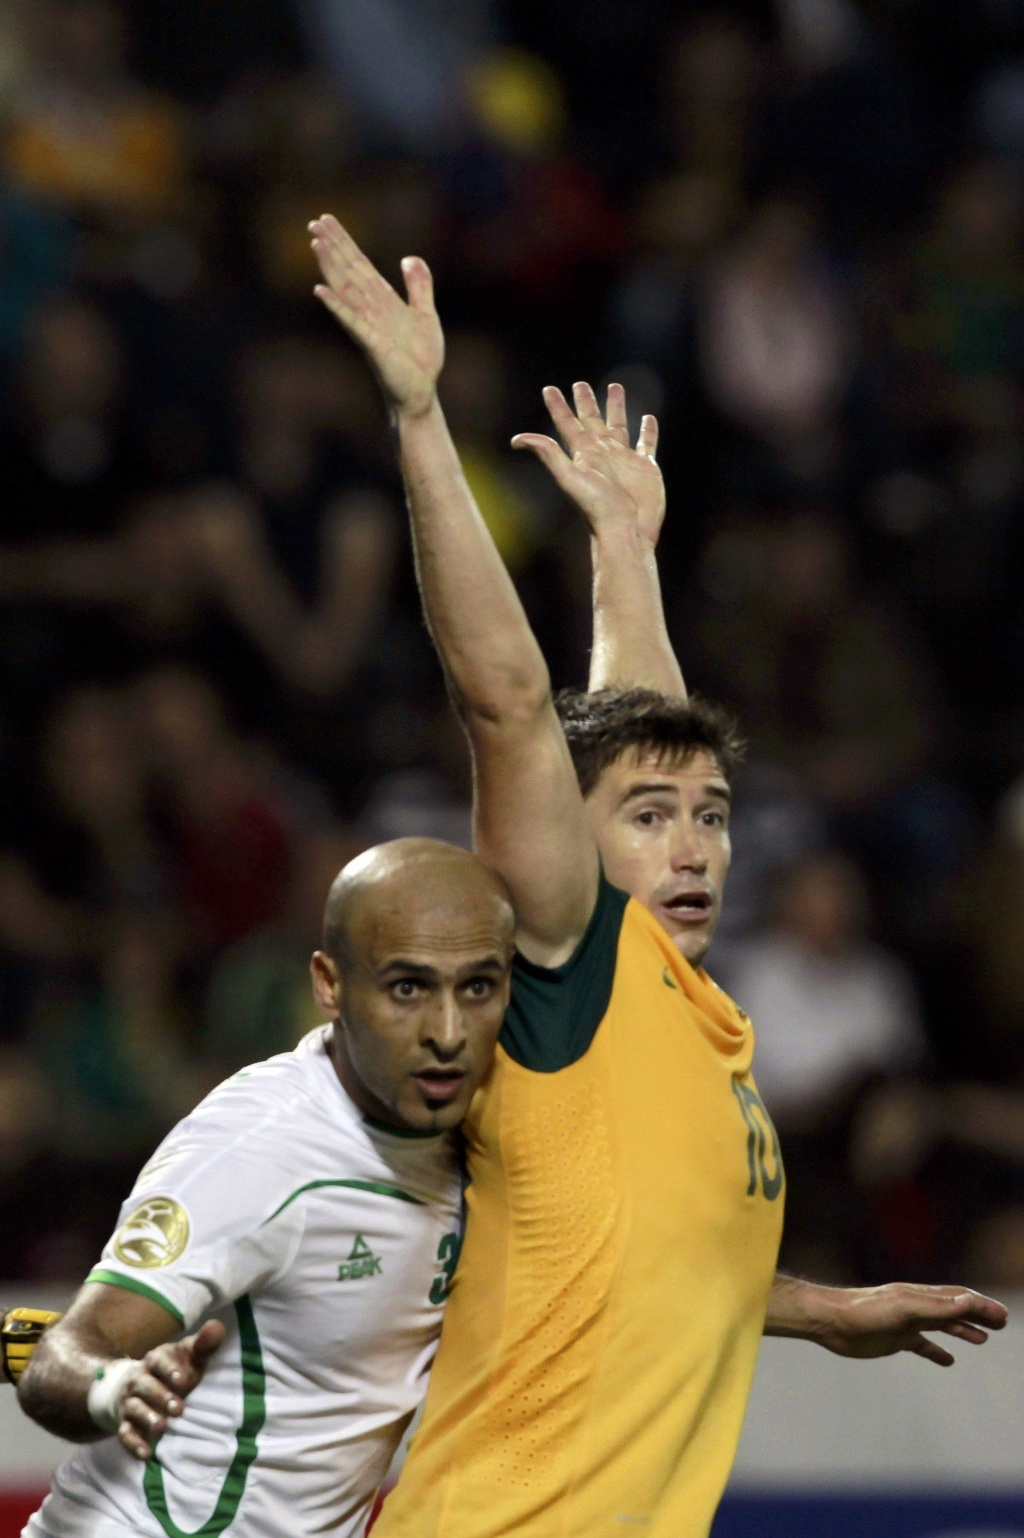 22.jan.2011 - Harry Kewell recebe marcação de Basem Abbas durante jogo entre Austrália e Iraque pela Copa da Ásia